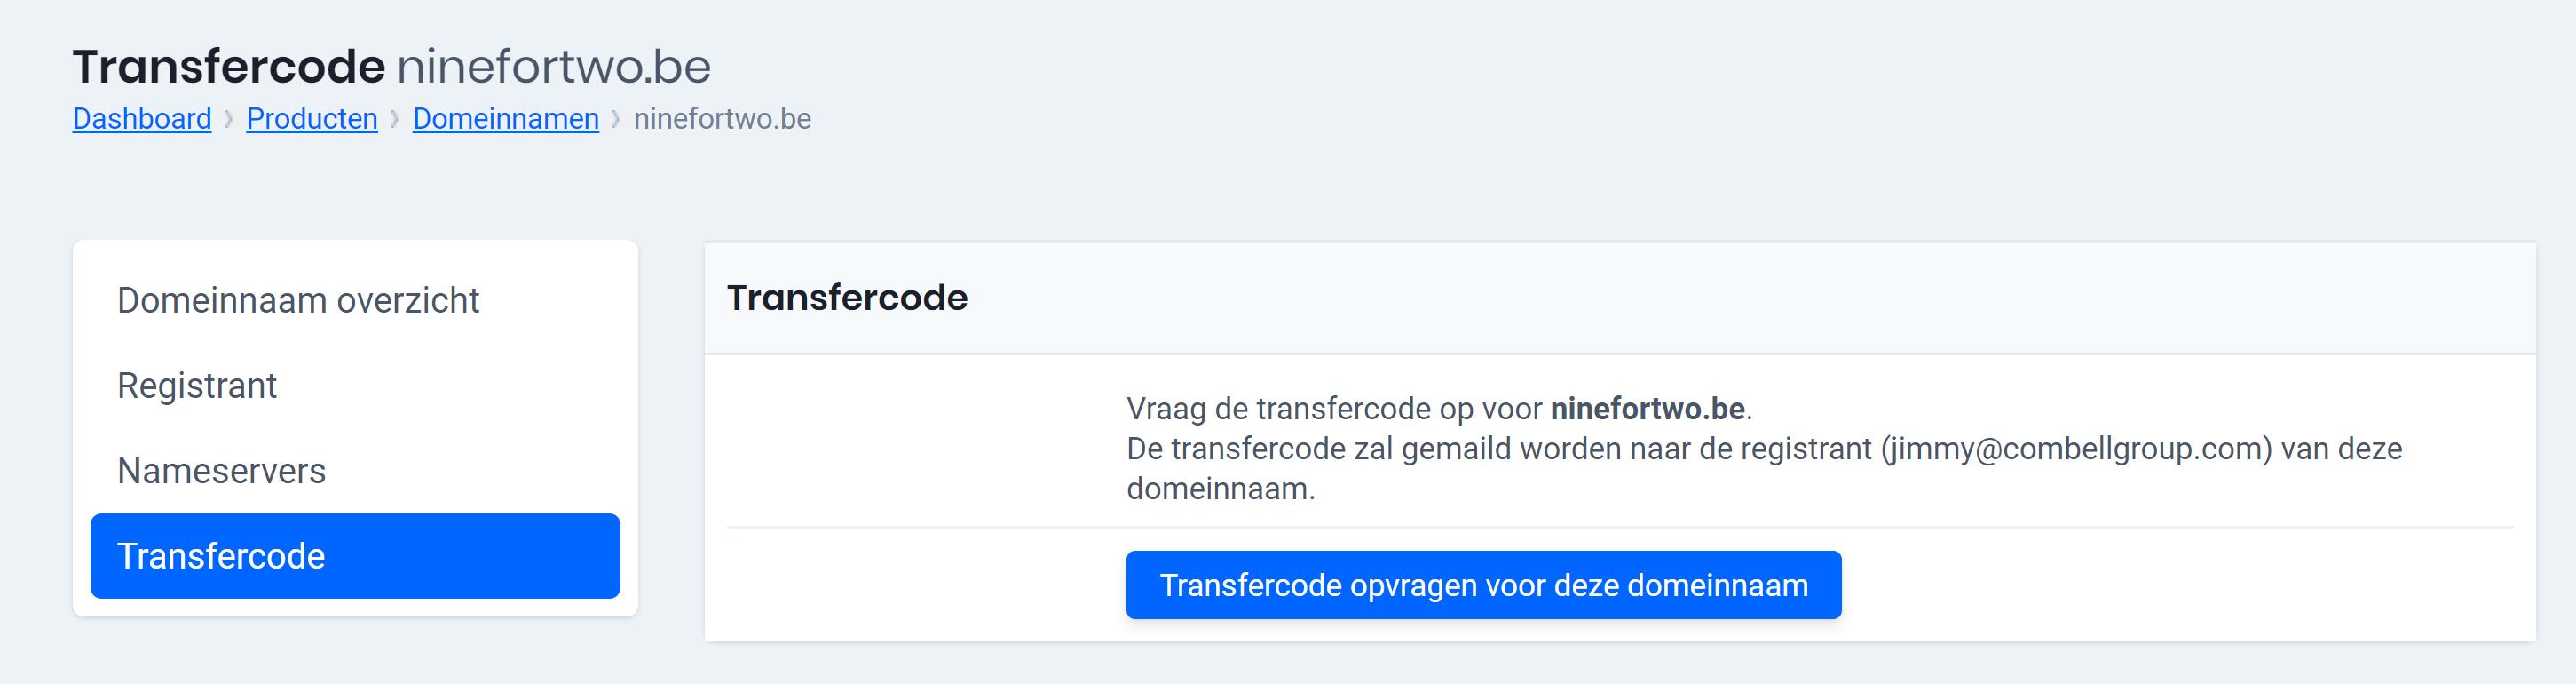 Transfercode opvragen